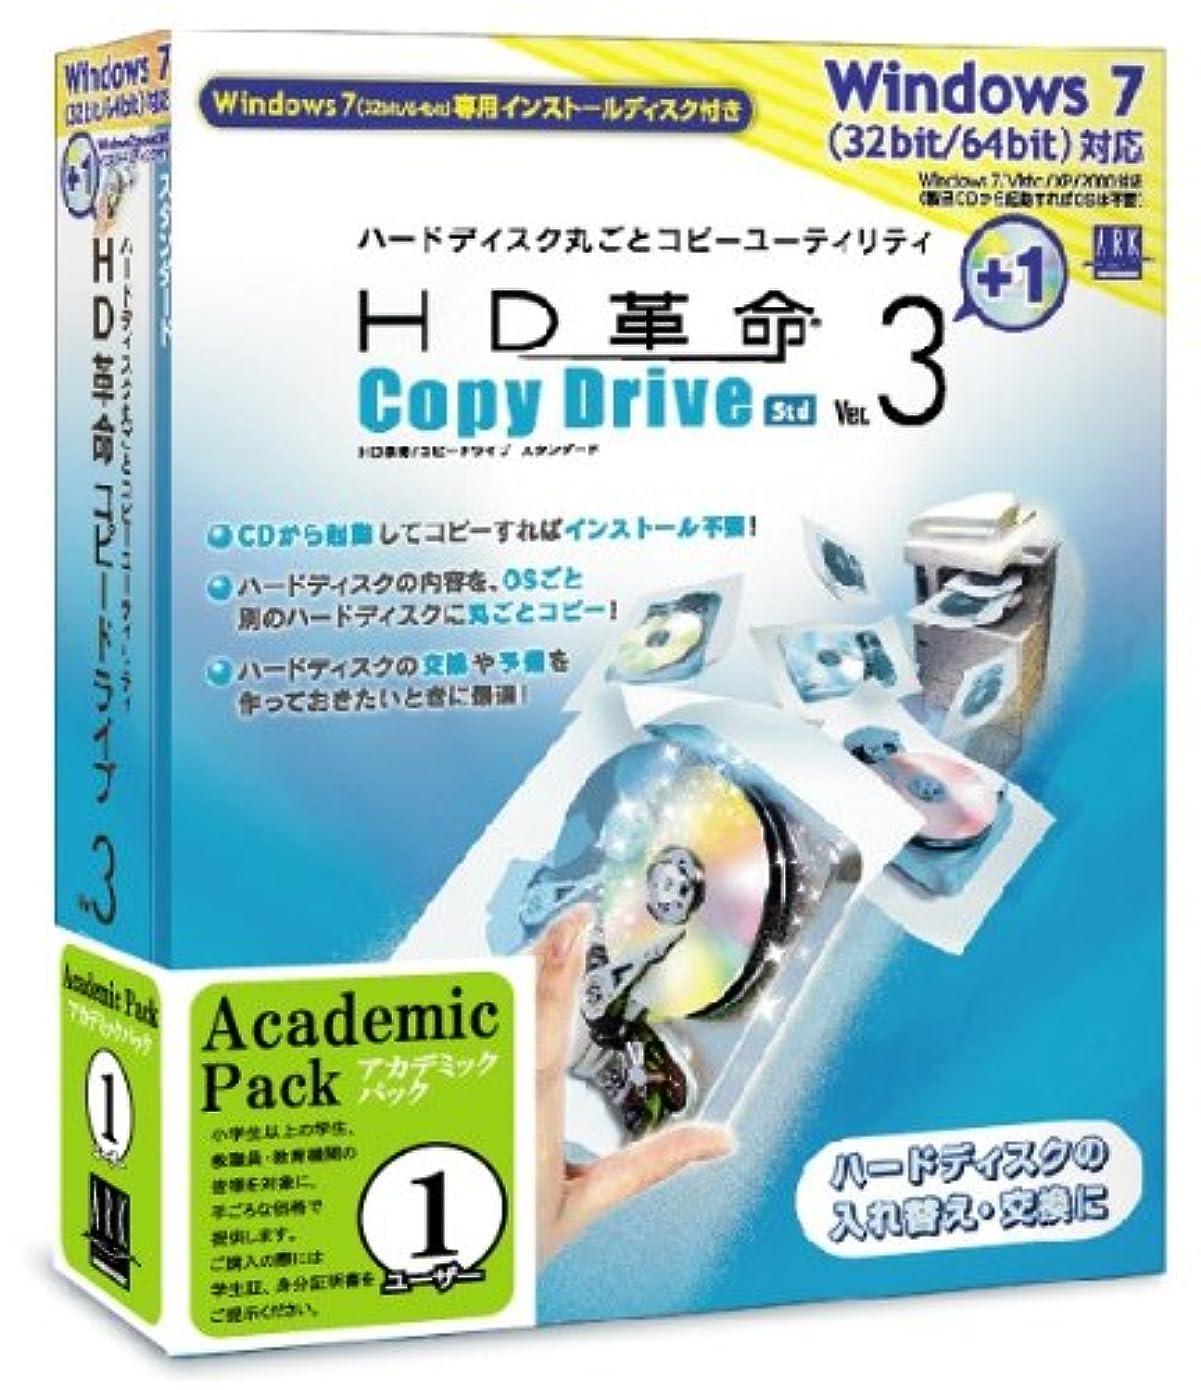 クラックポット補助金研磨剤HD革命/CopyDrive Ver.3 for Windows7 Std アカデミック1ユーザー